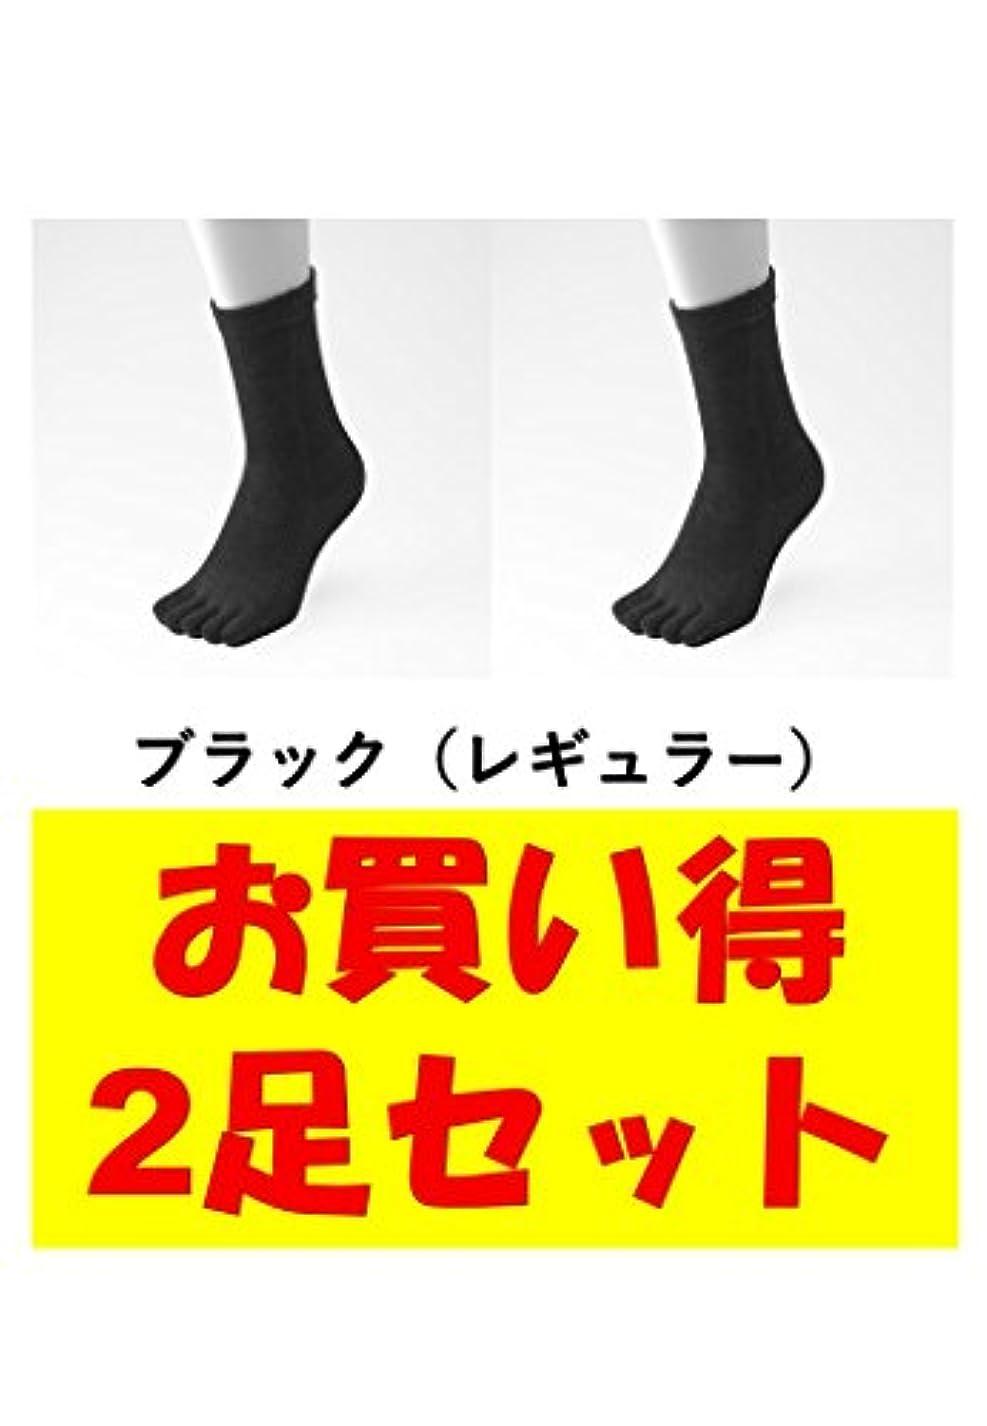 タック特徴ディレクターお買い得2足セット 5本指 ゆびのばソックス ゆびのばレギュラー ブラック 女性用 22.0cm-25.5cm HSREGR-BLK